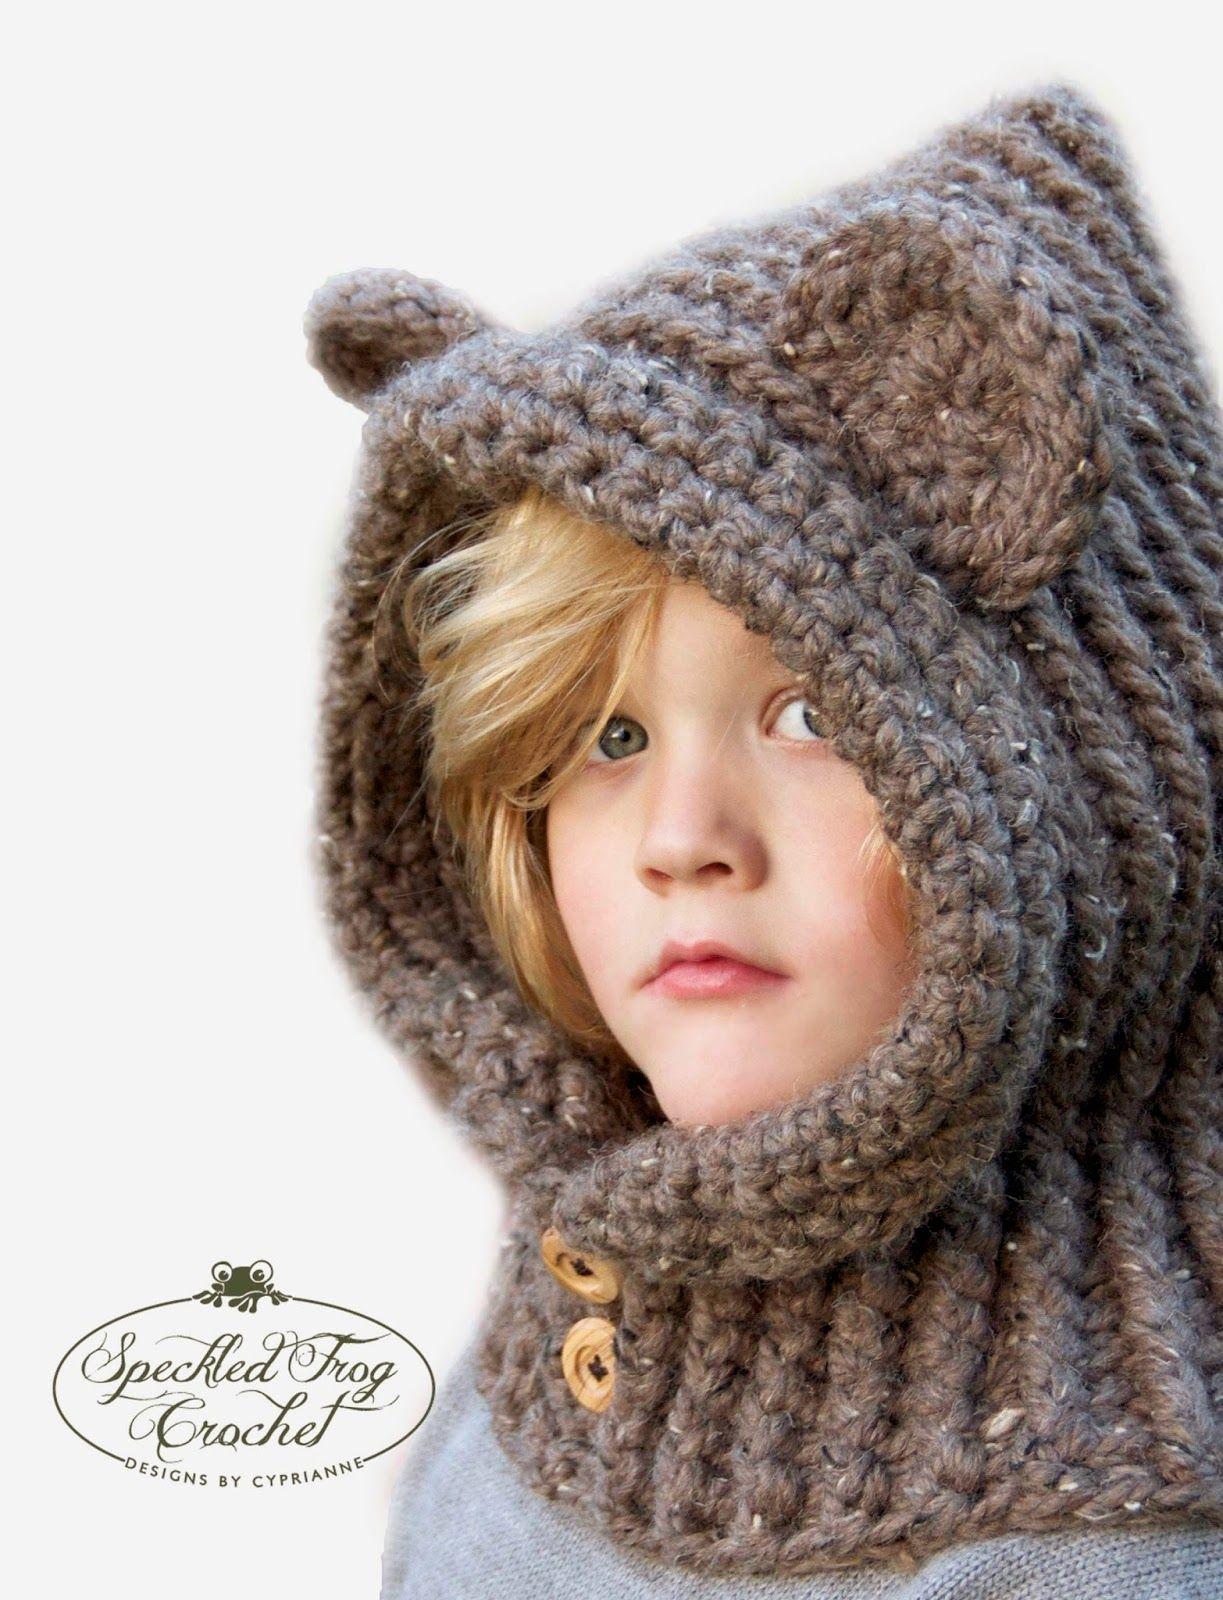 Speckled frog crochet crochet hooded bear cowl pattern crochet speckled frog crochet crochet hooded bear cowl pattern bankloansurffo Gallery